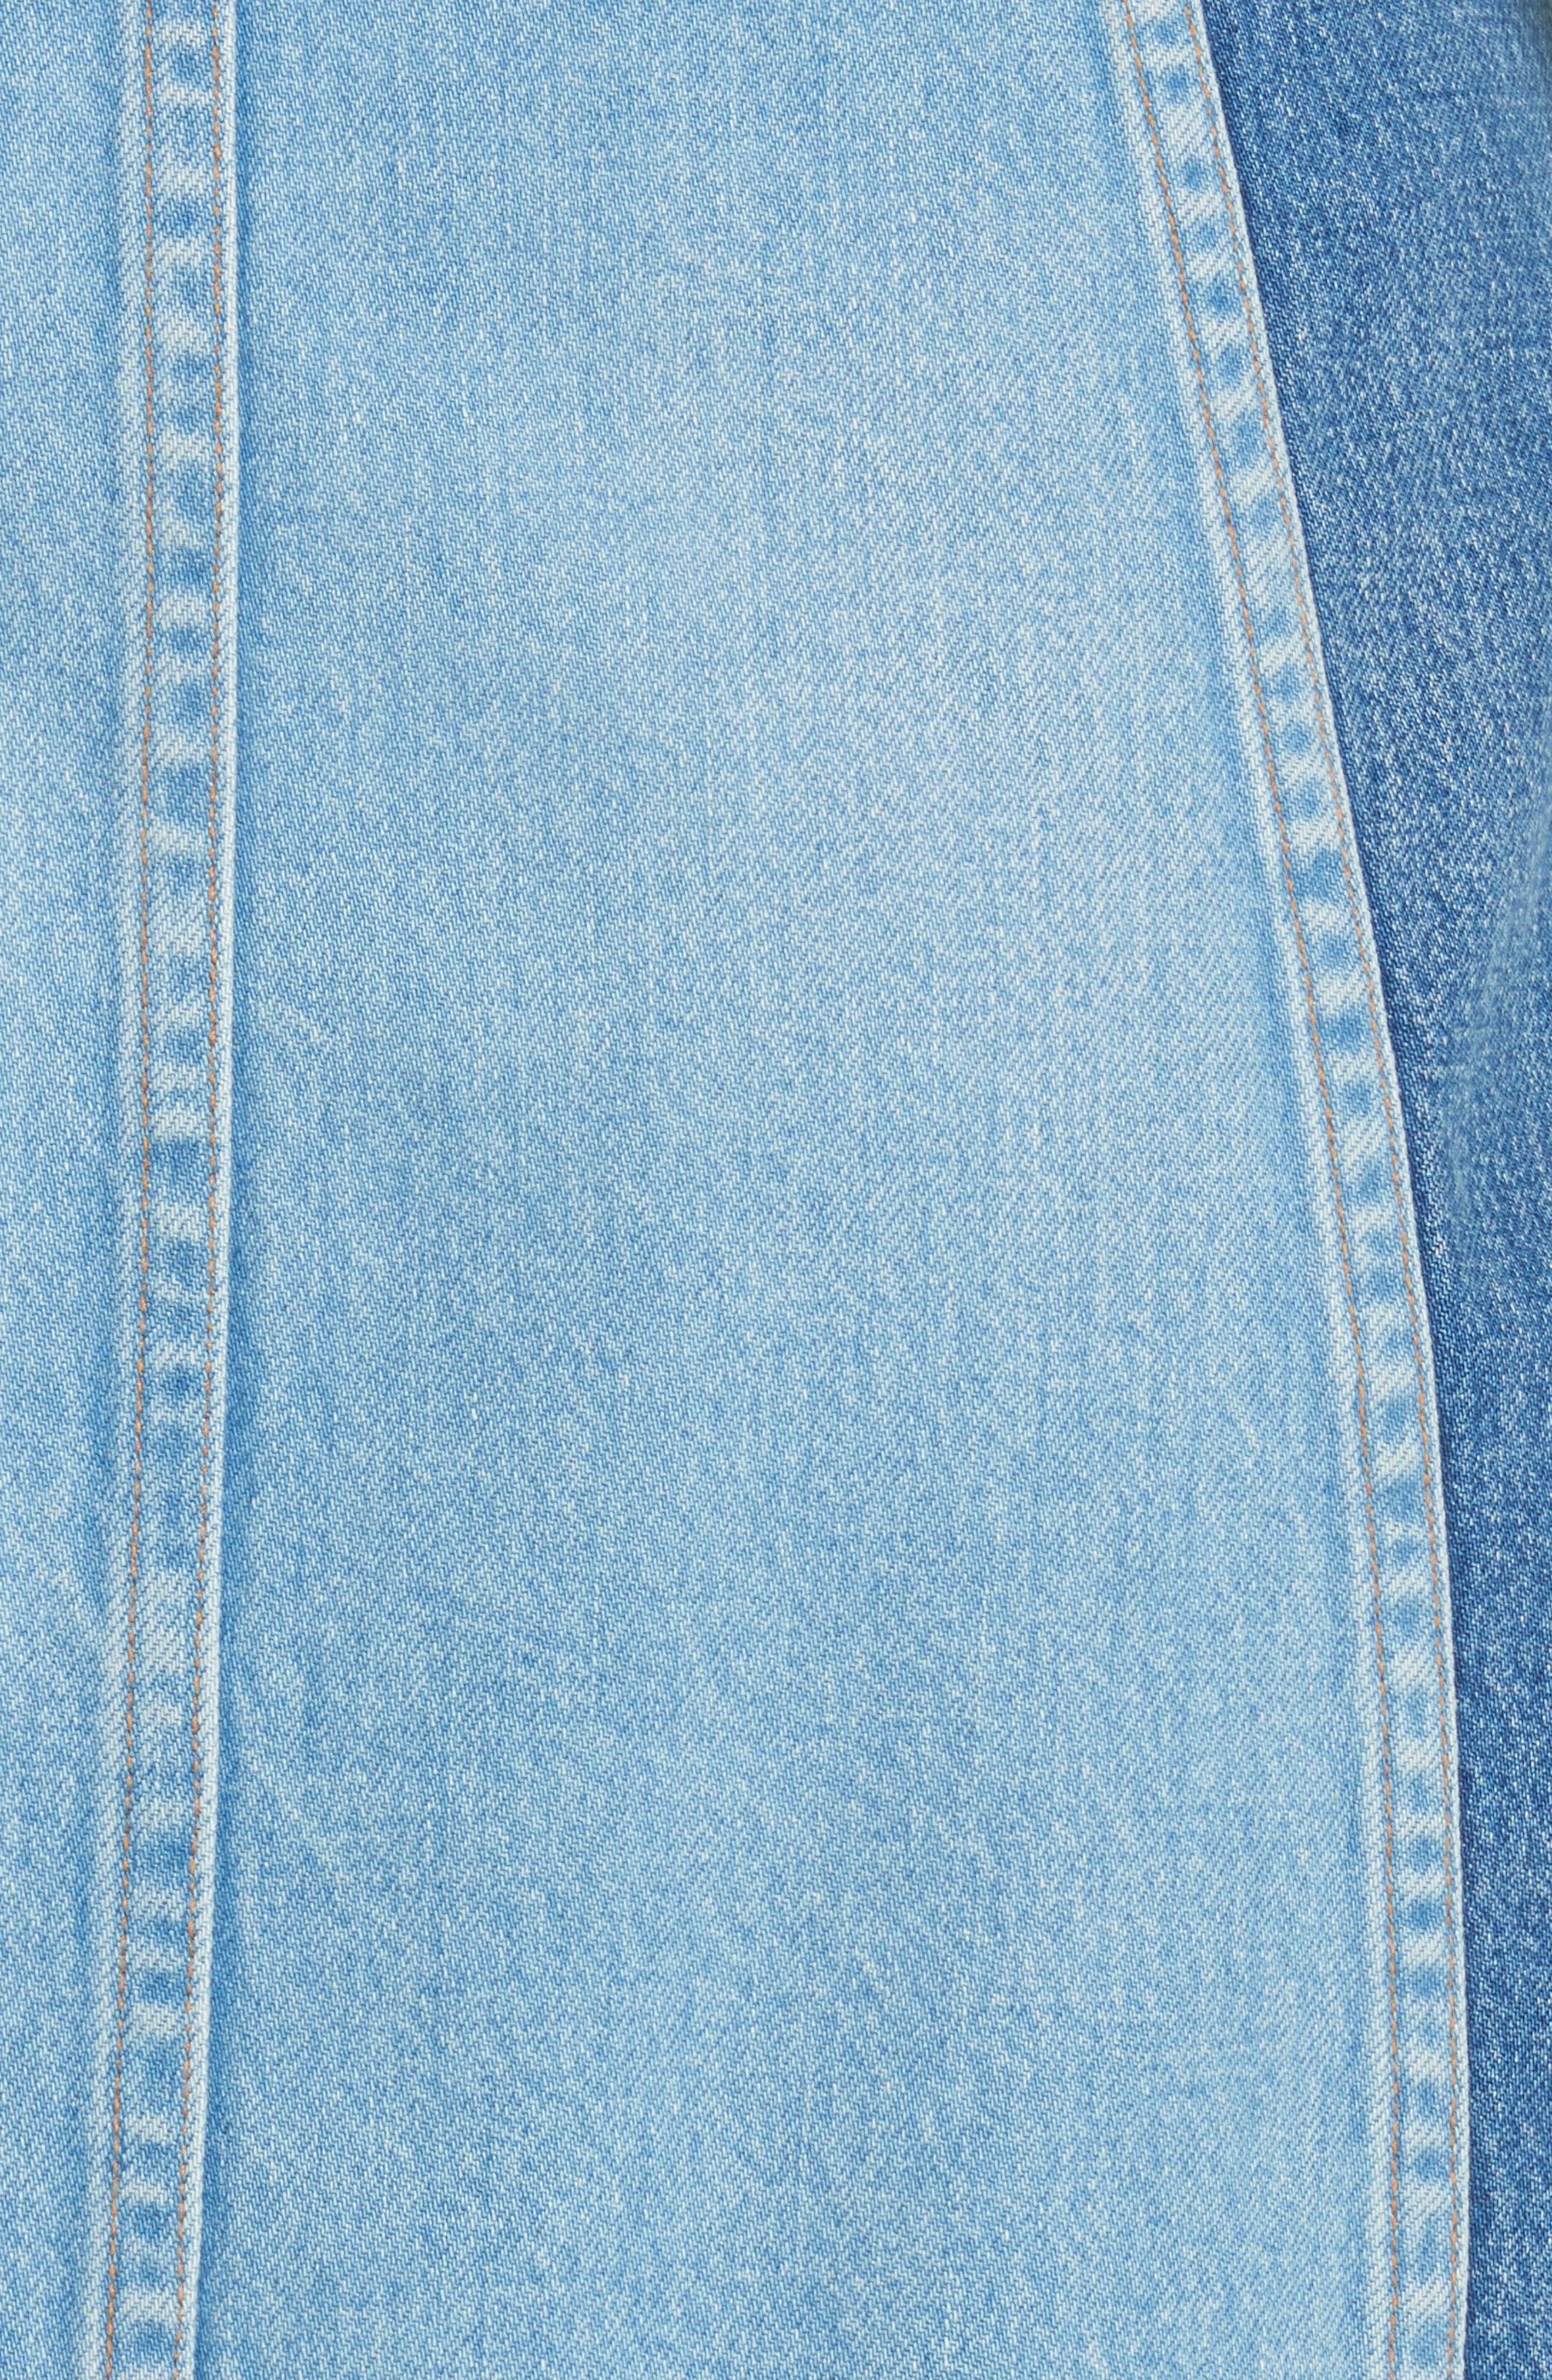 Eloise High Rise Denim Miniskirt,                             Alternate thumbnail 7, color,                             Jagger